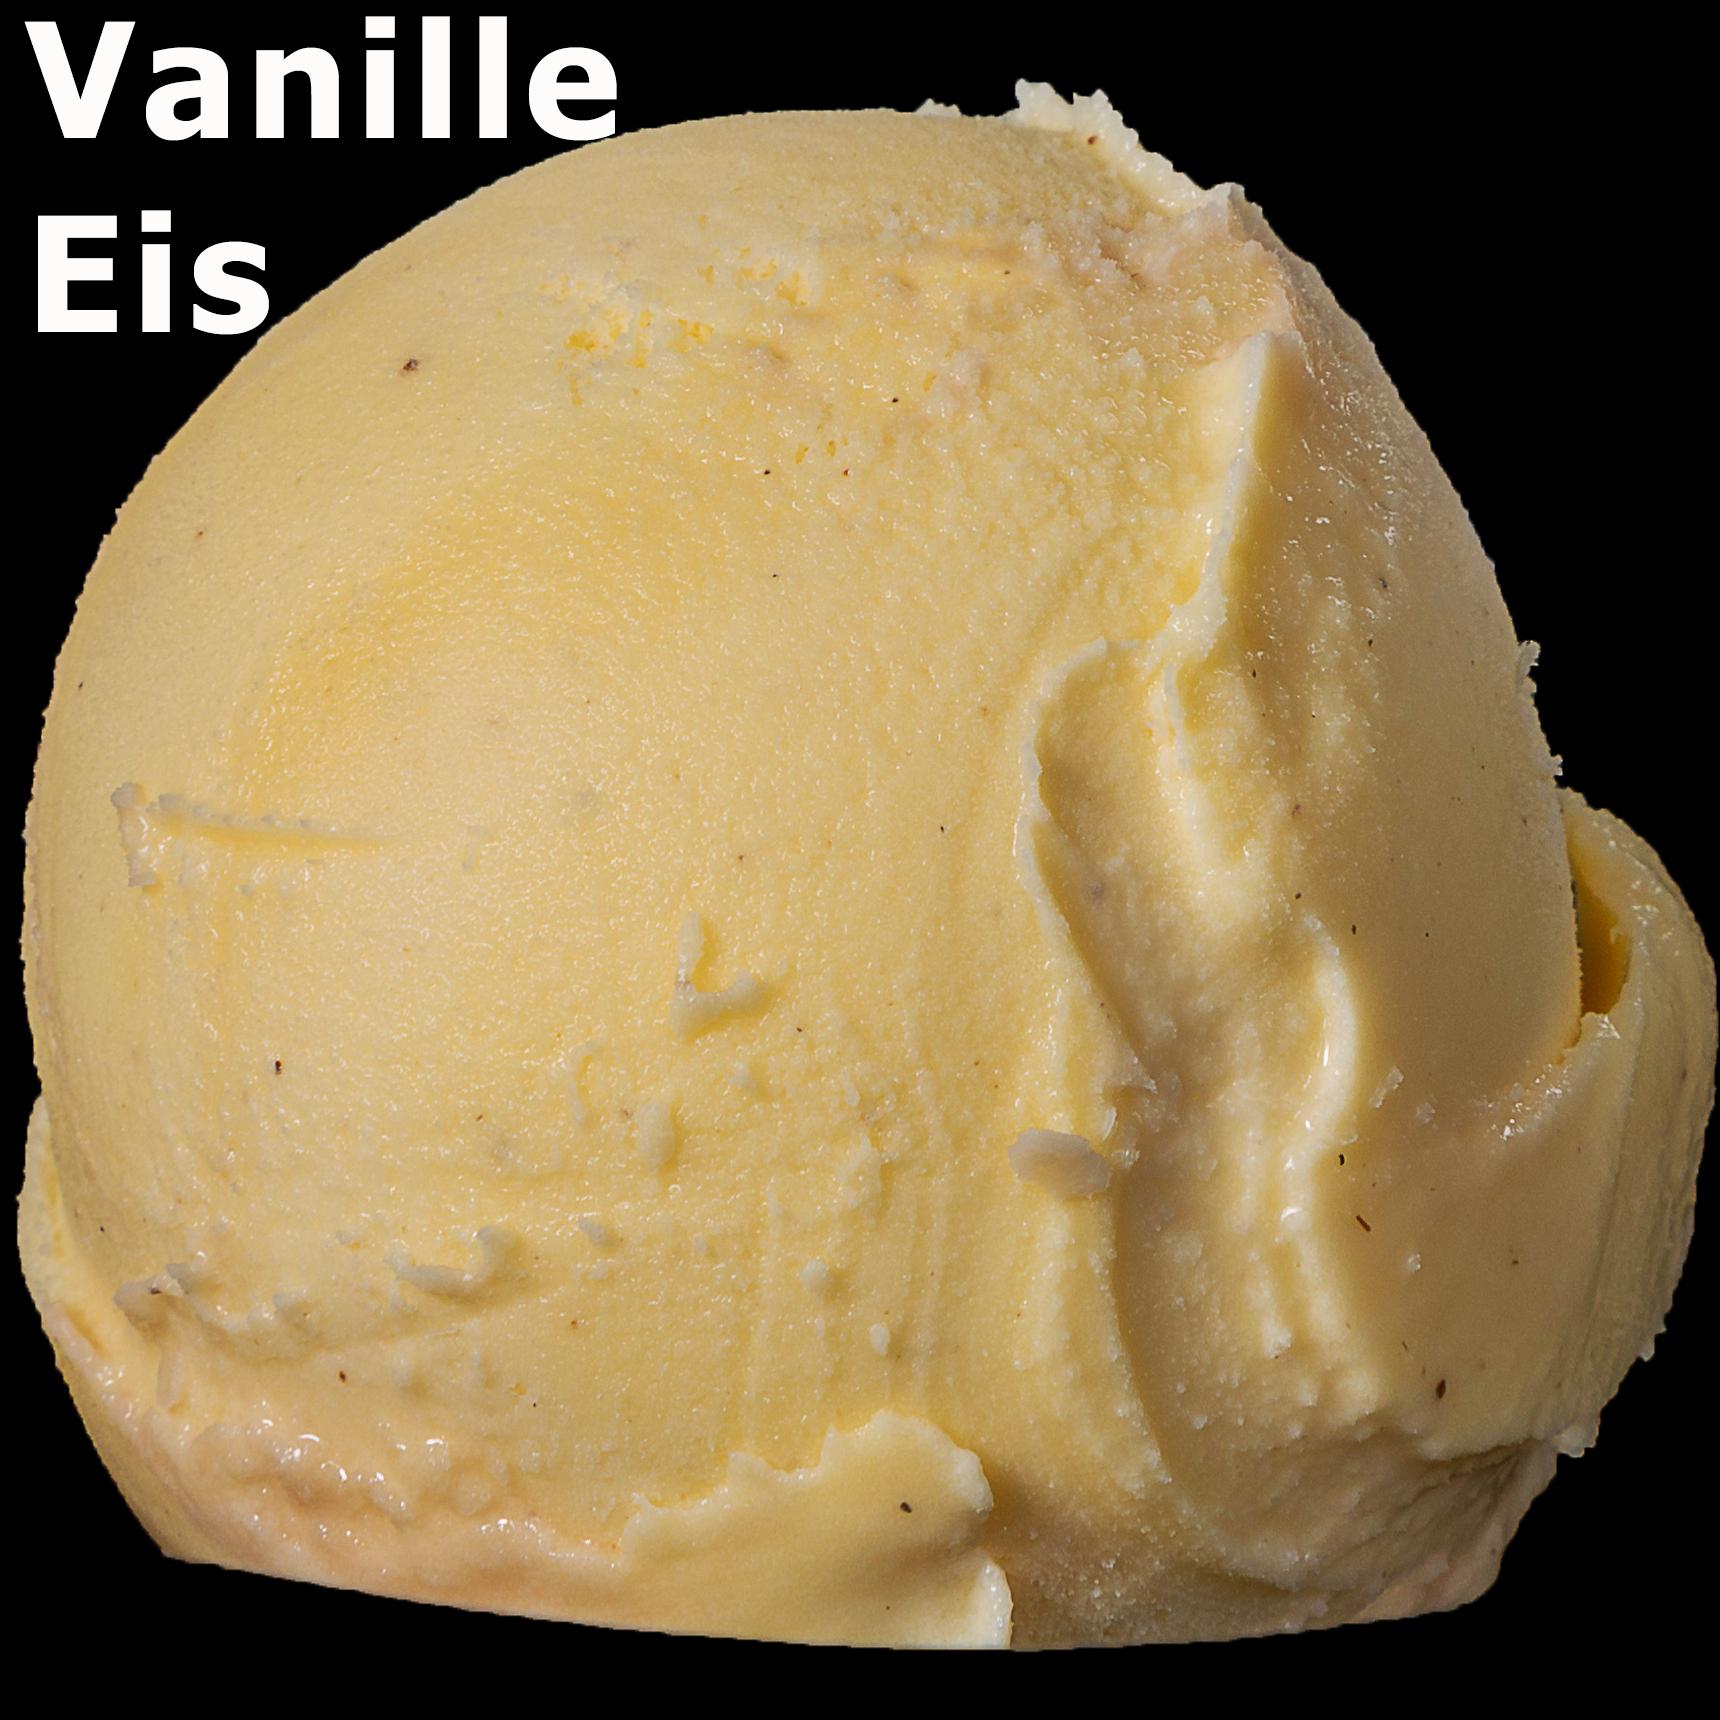 153. Vanille Eis